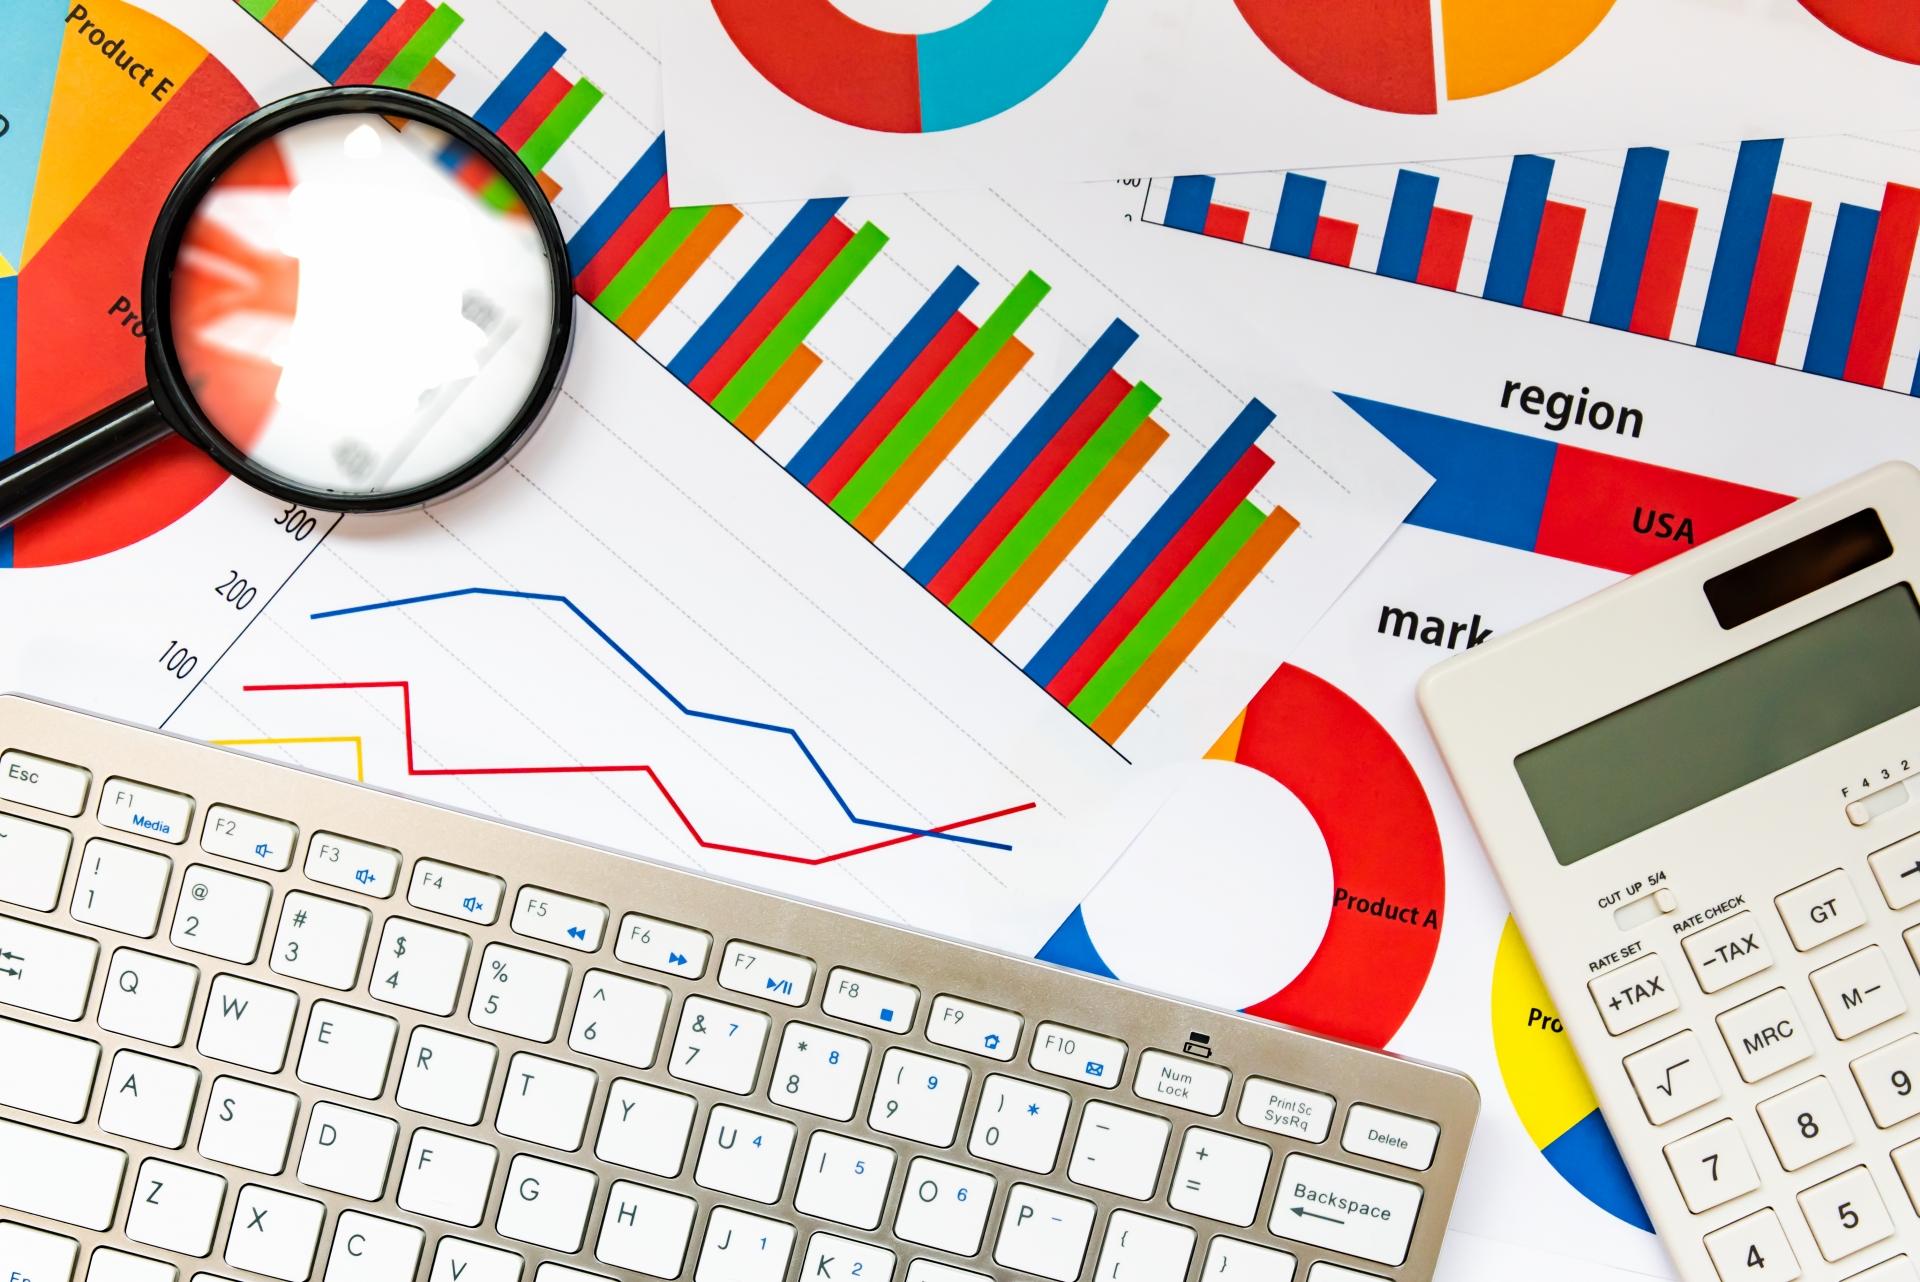 業務分析の手法を集めたIE手法が生み出す成果